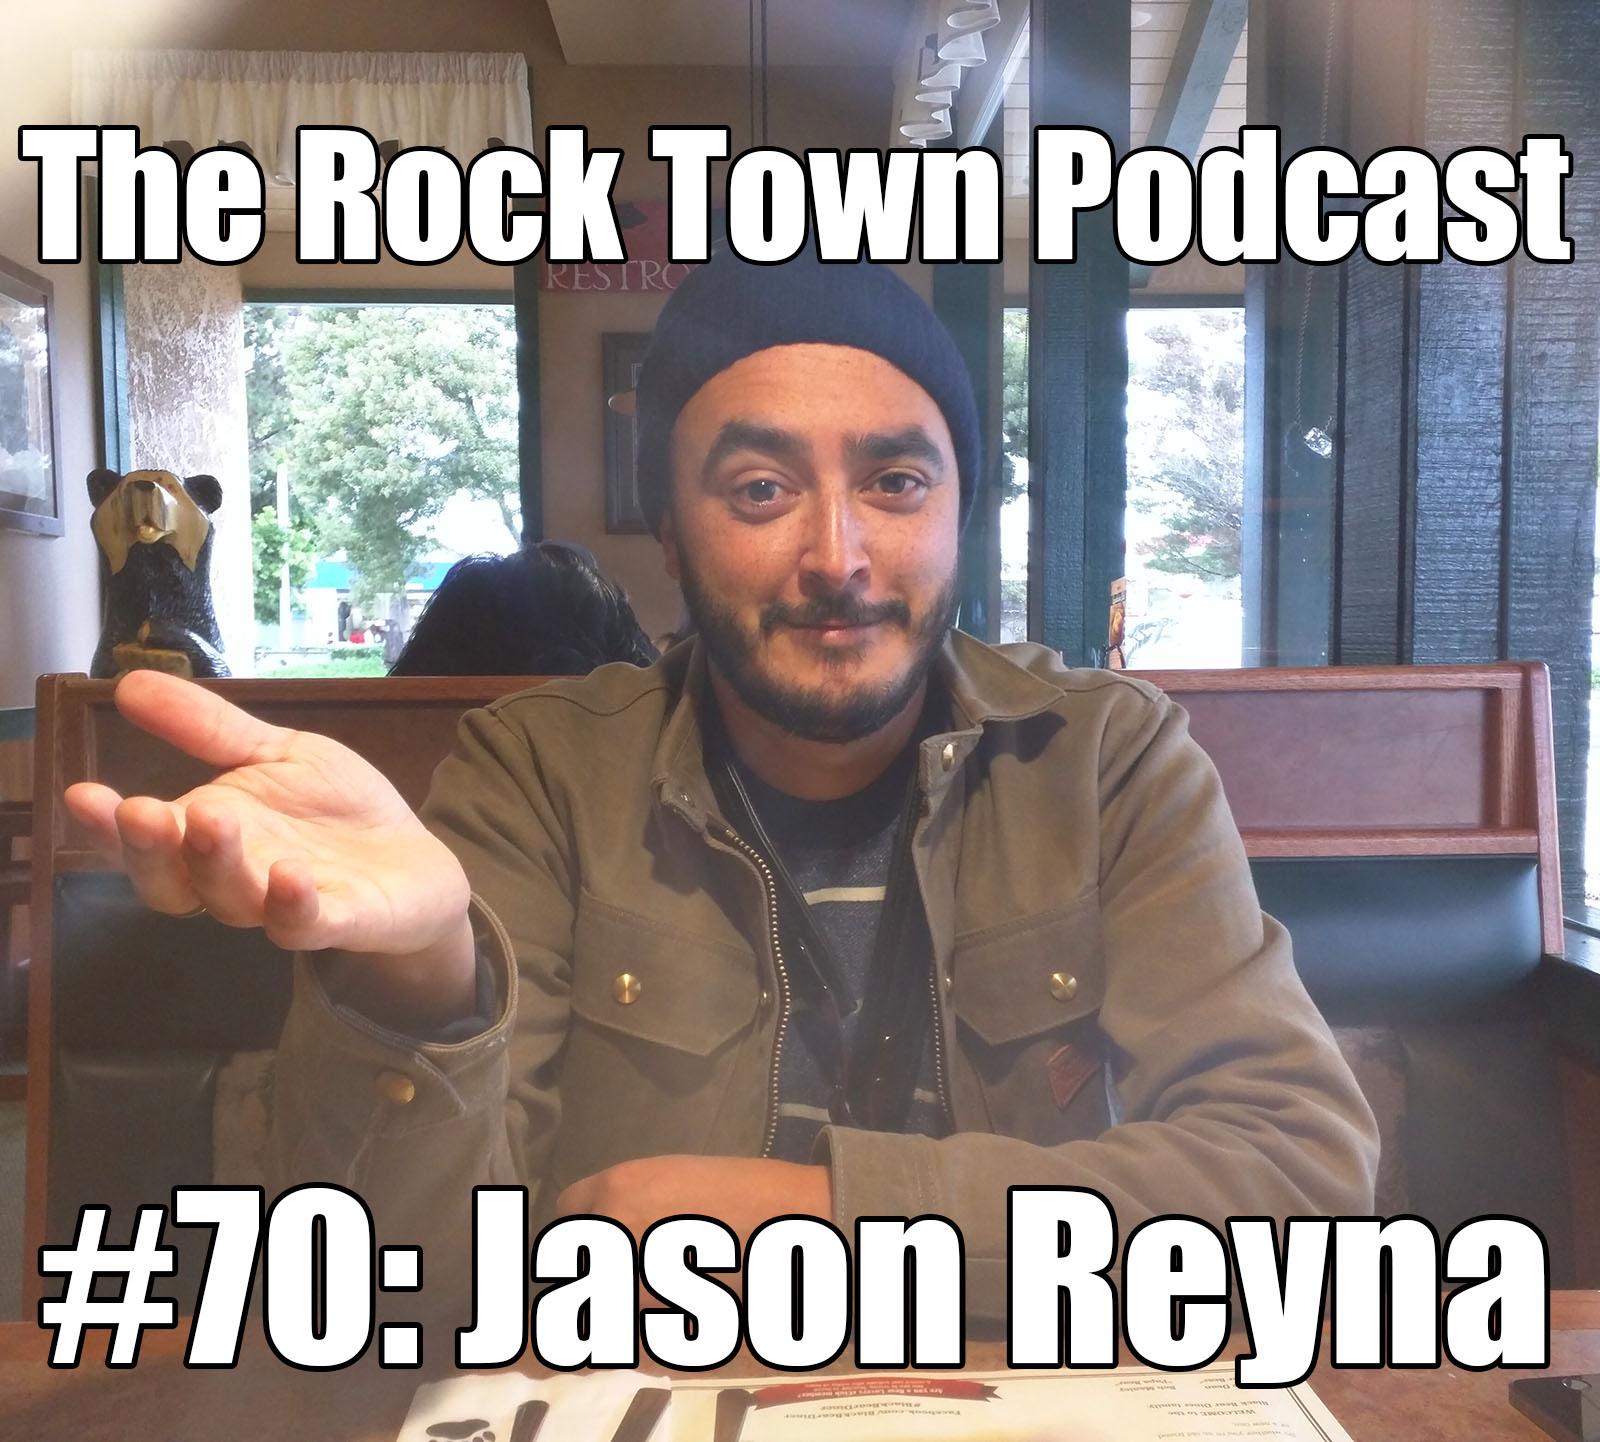 #70: Jason Reyna